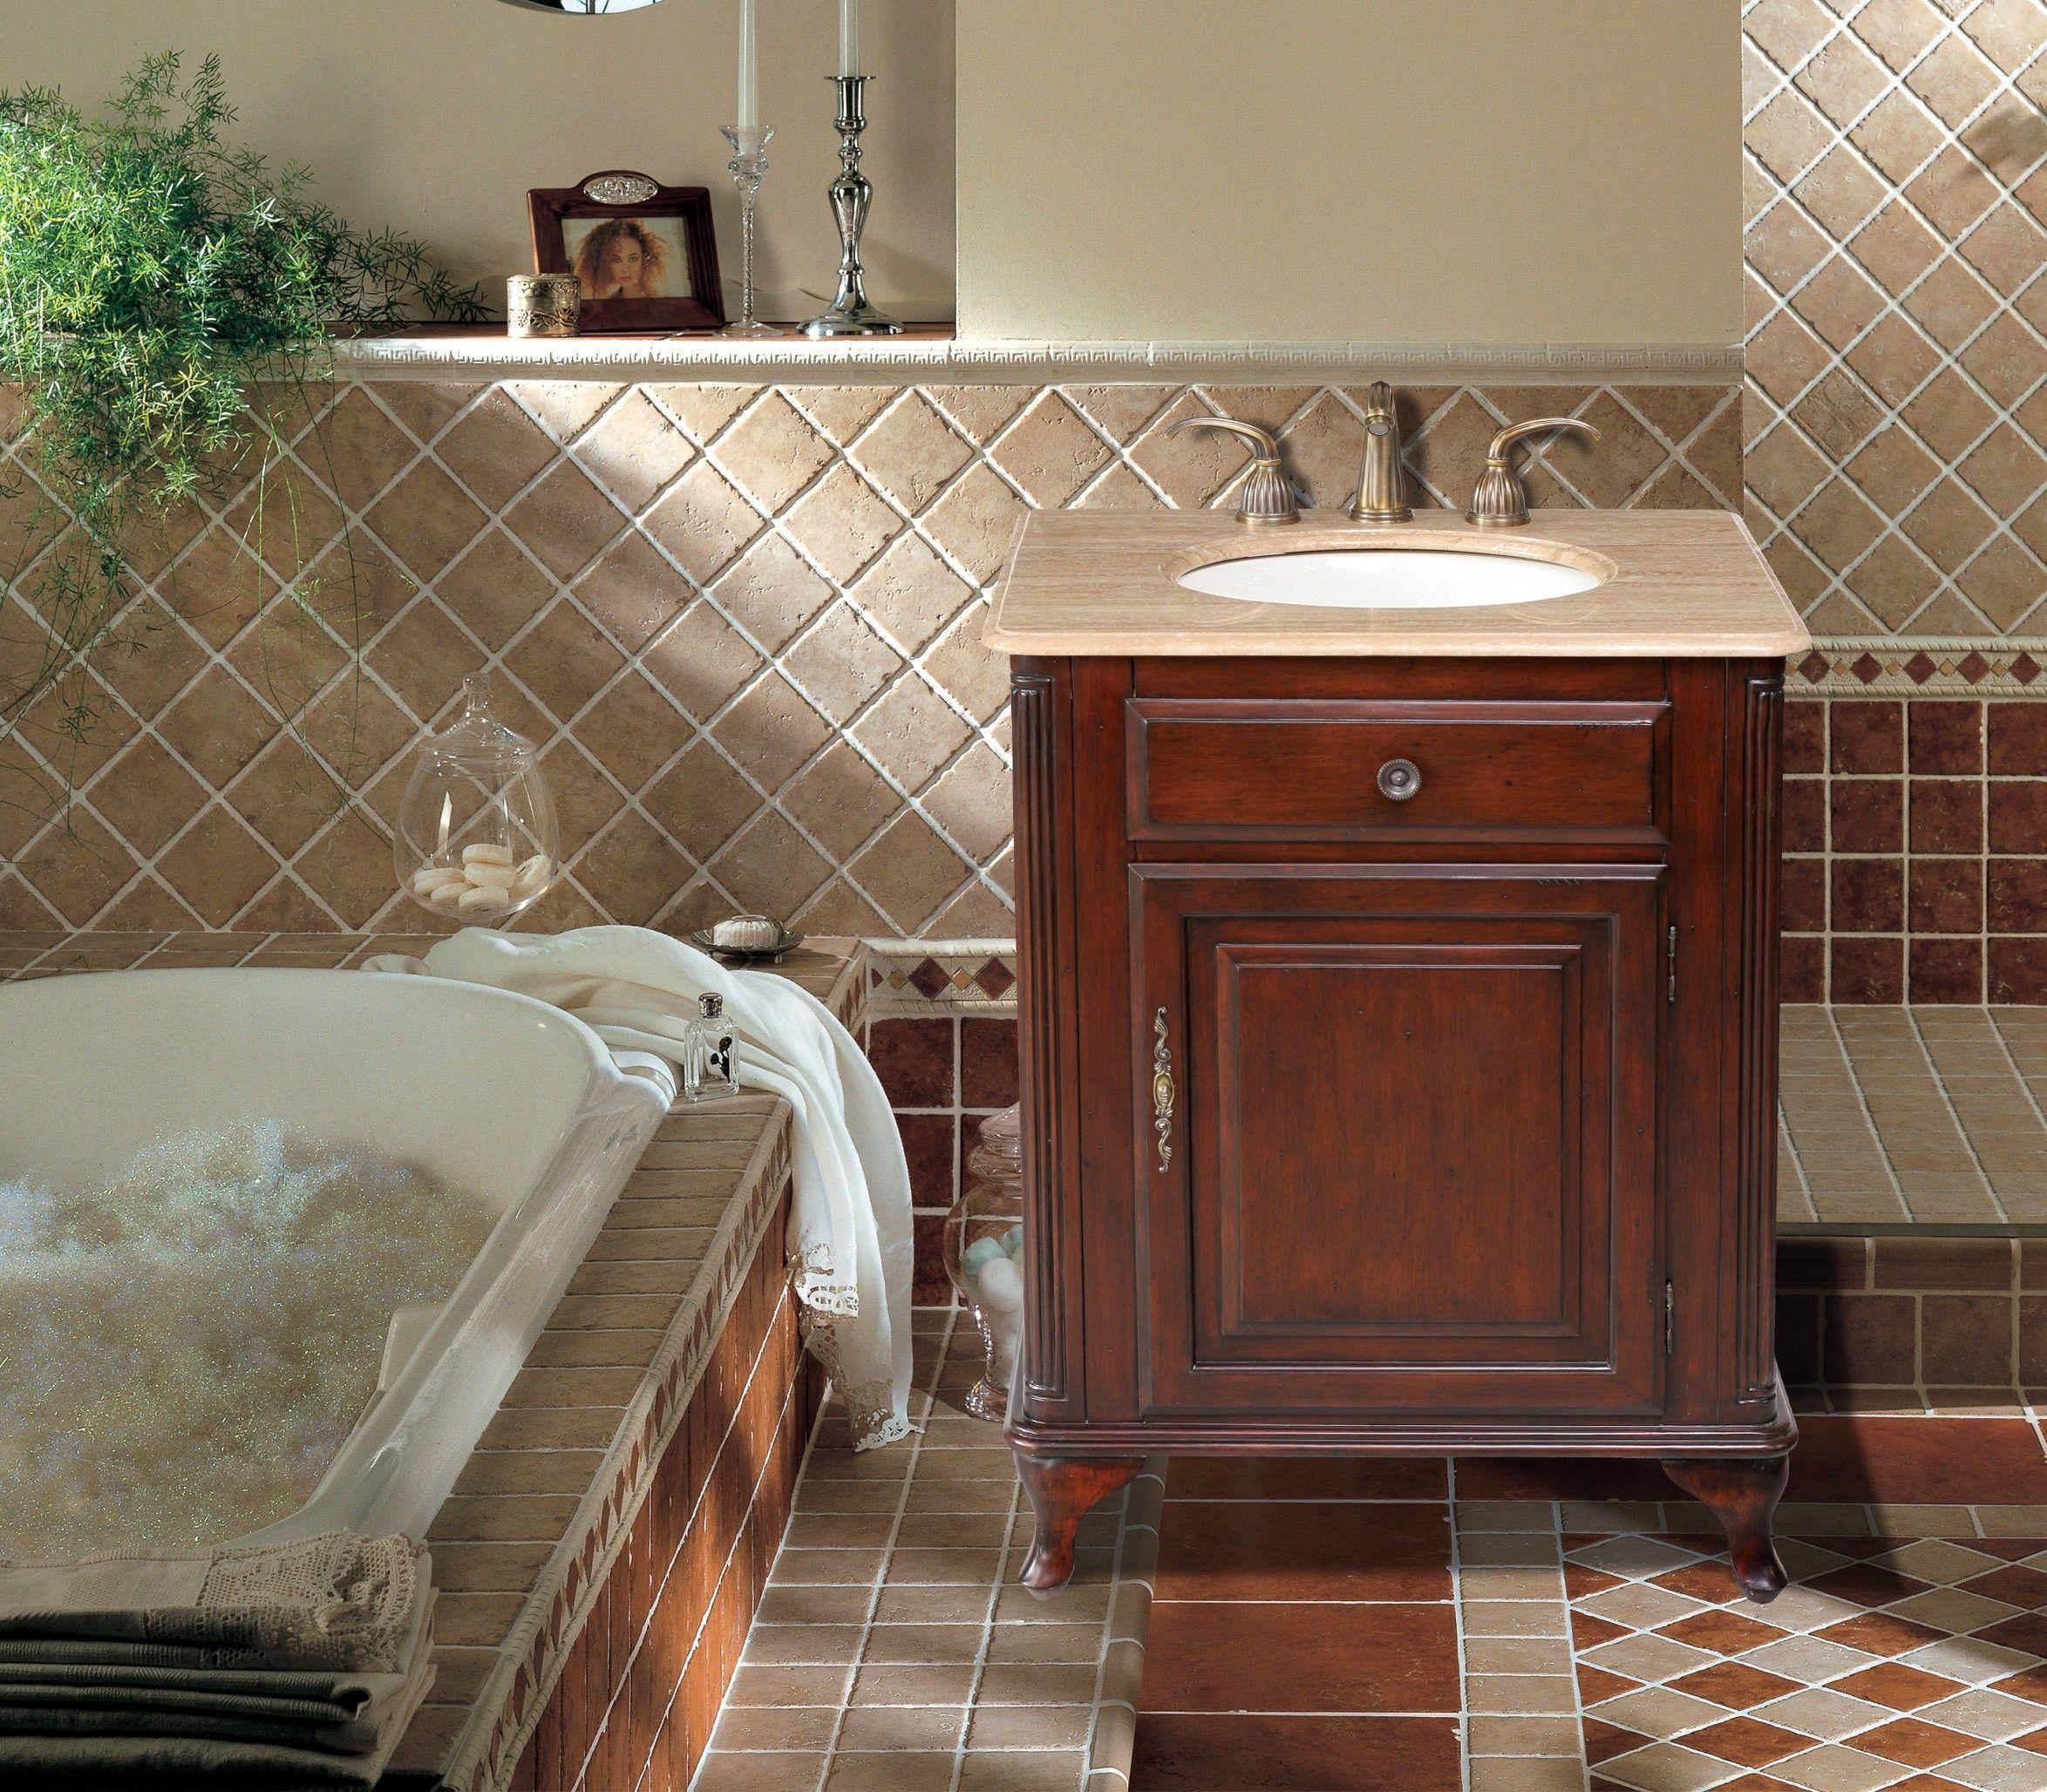 27 inch vanity | Traditional bathroom vanity, Marble ...